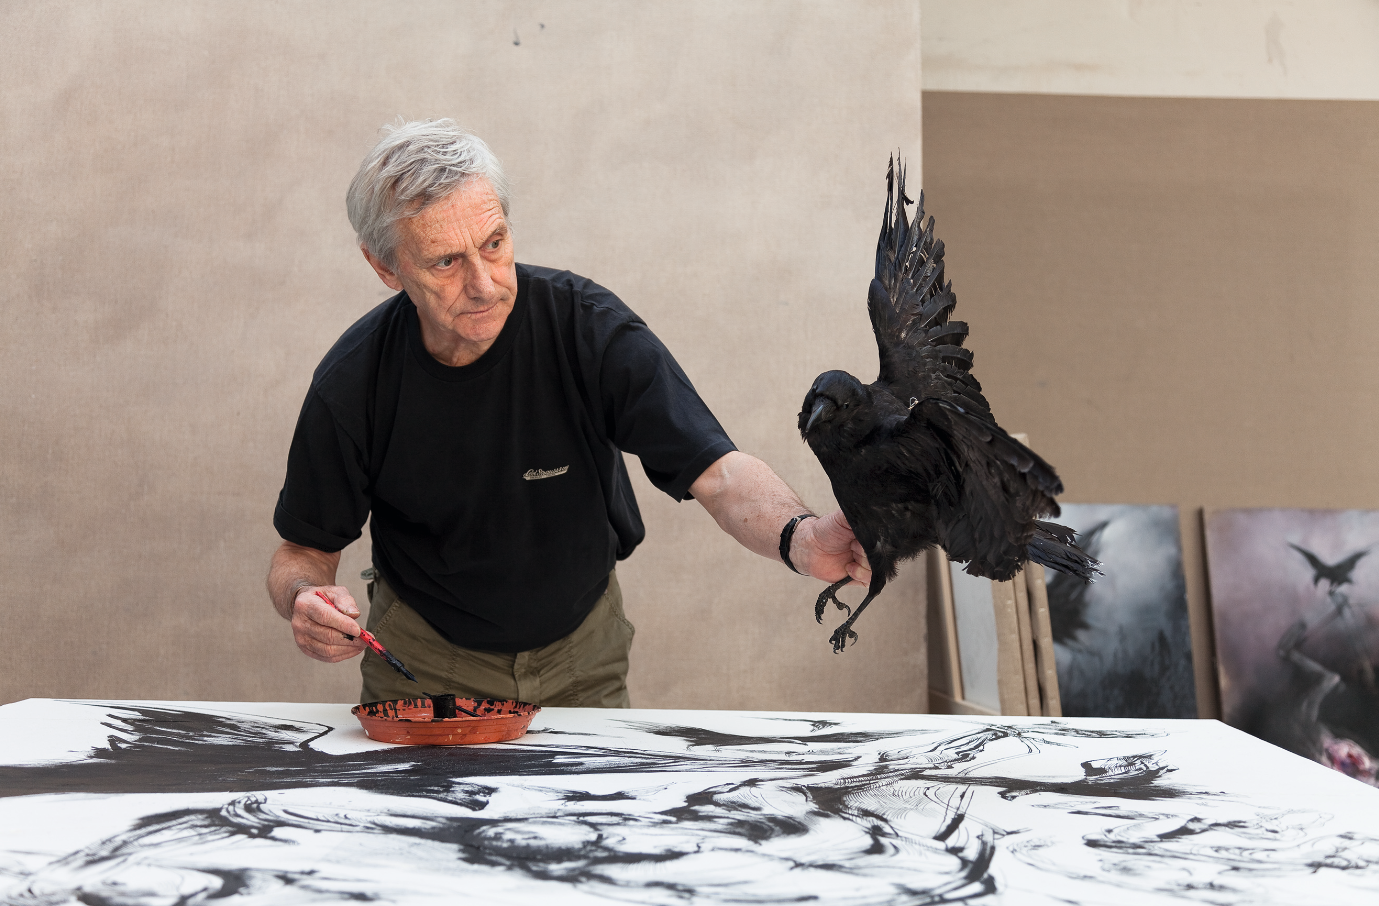 Vladimir Velickovic dans son atelier, 2010_Photo © Zarko Vijatovic